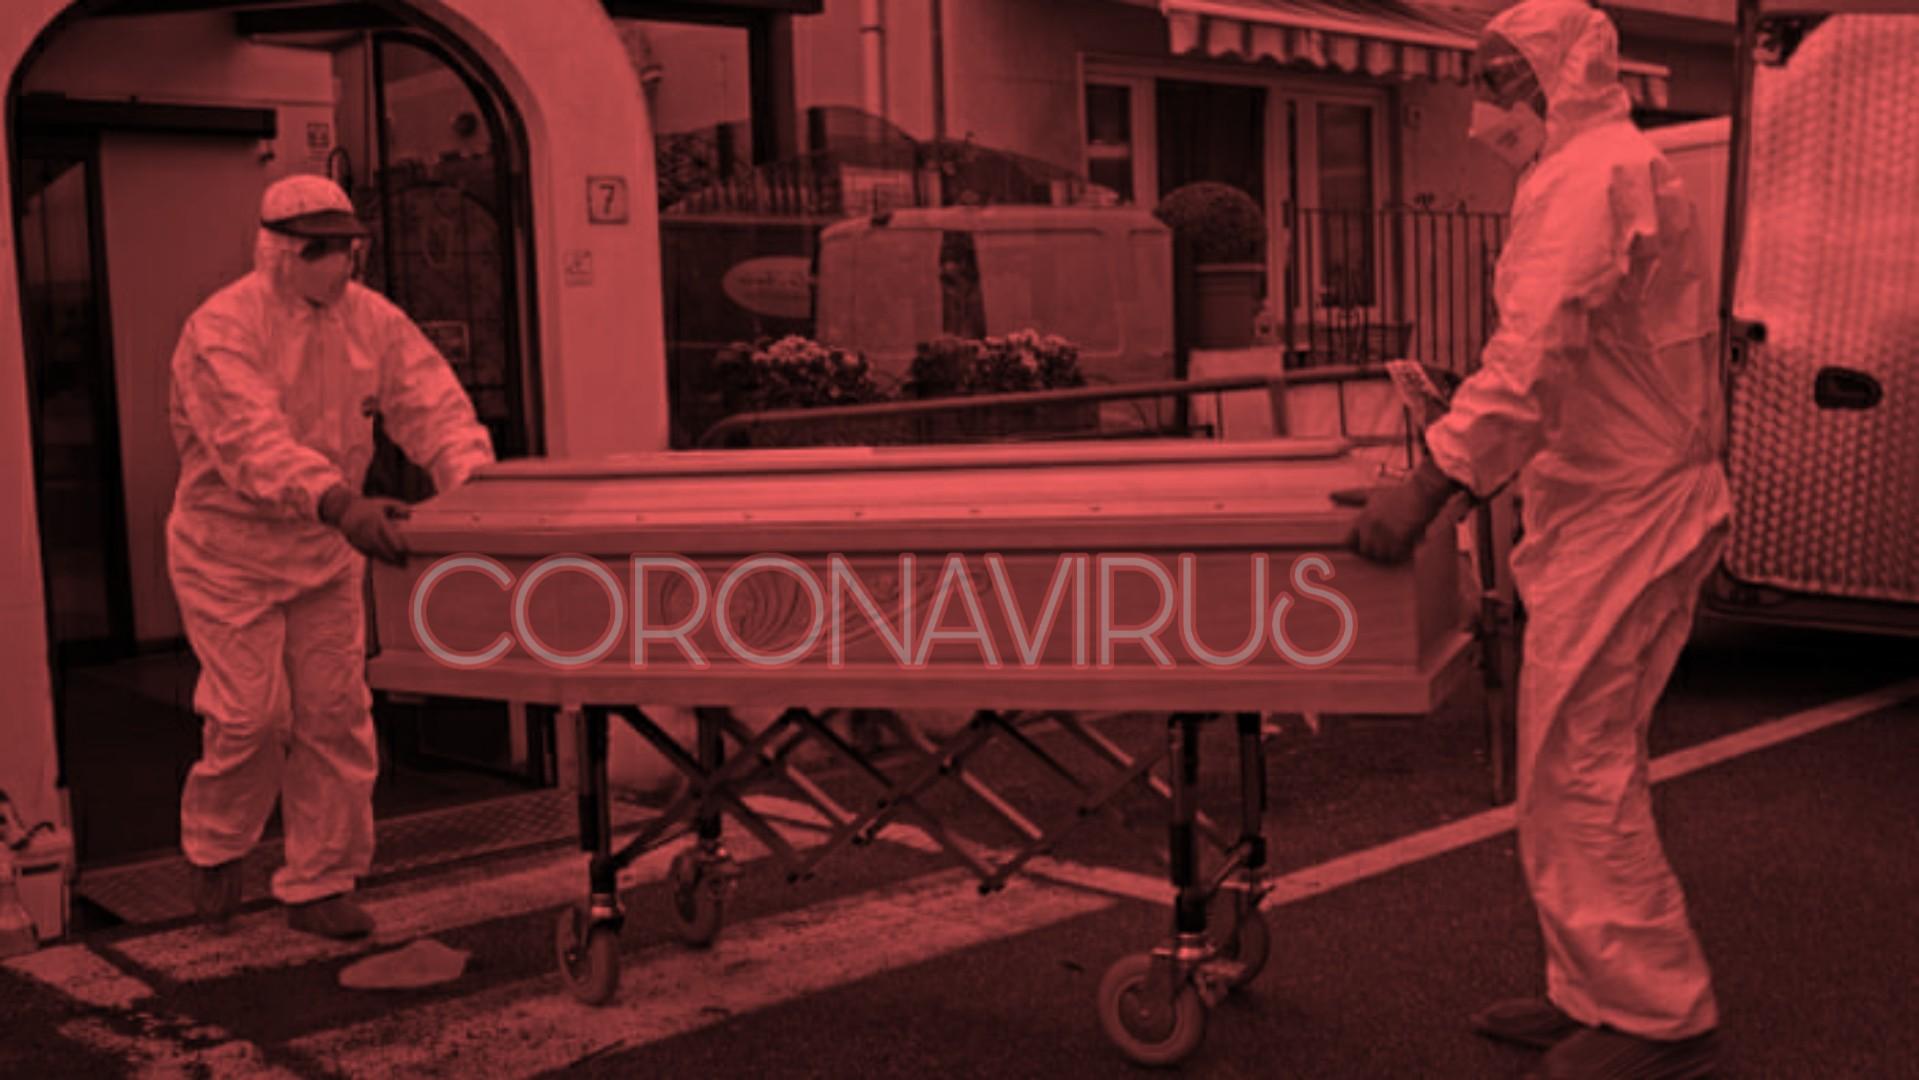 Încă TREI decese în România din cauza coronavirusului. Bilanţul urcă la 17